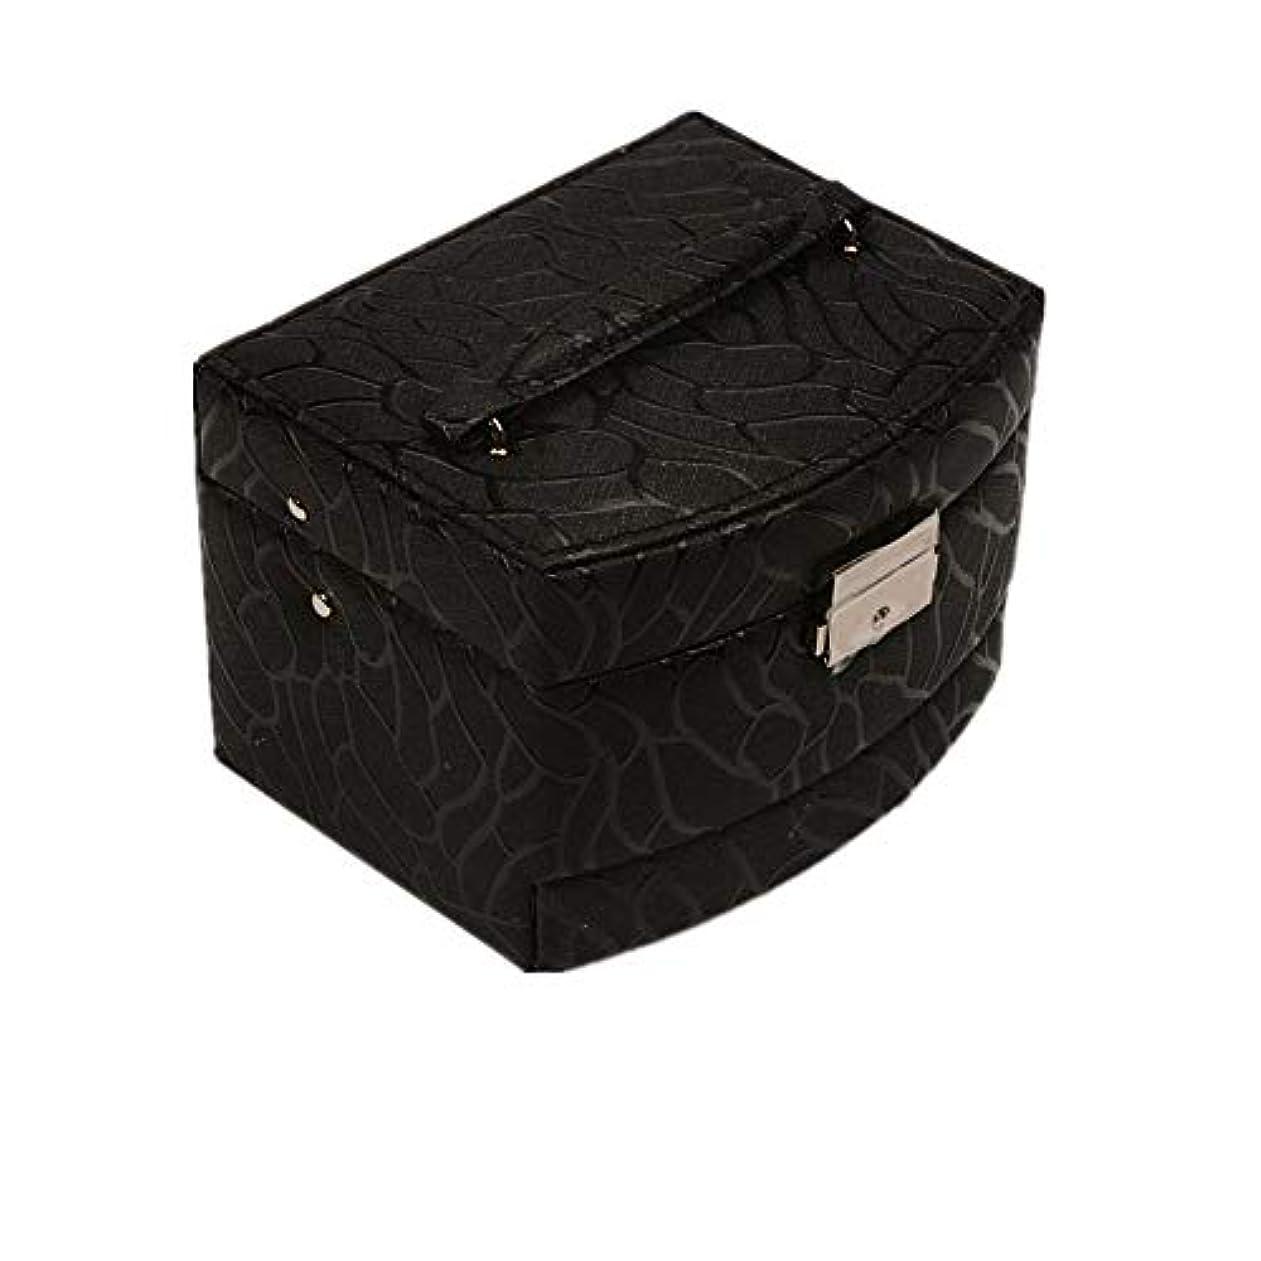 休日浸透するコンパス化粧オーガナイザーバッグ 純粋な色のポータブル多層化粧品美容メイクアップ化粧ケースロックと化粧品ミラー 化粧品ケース